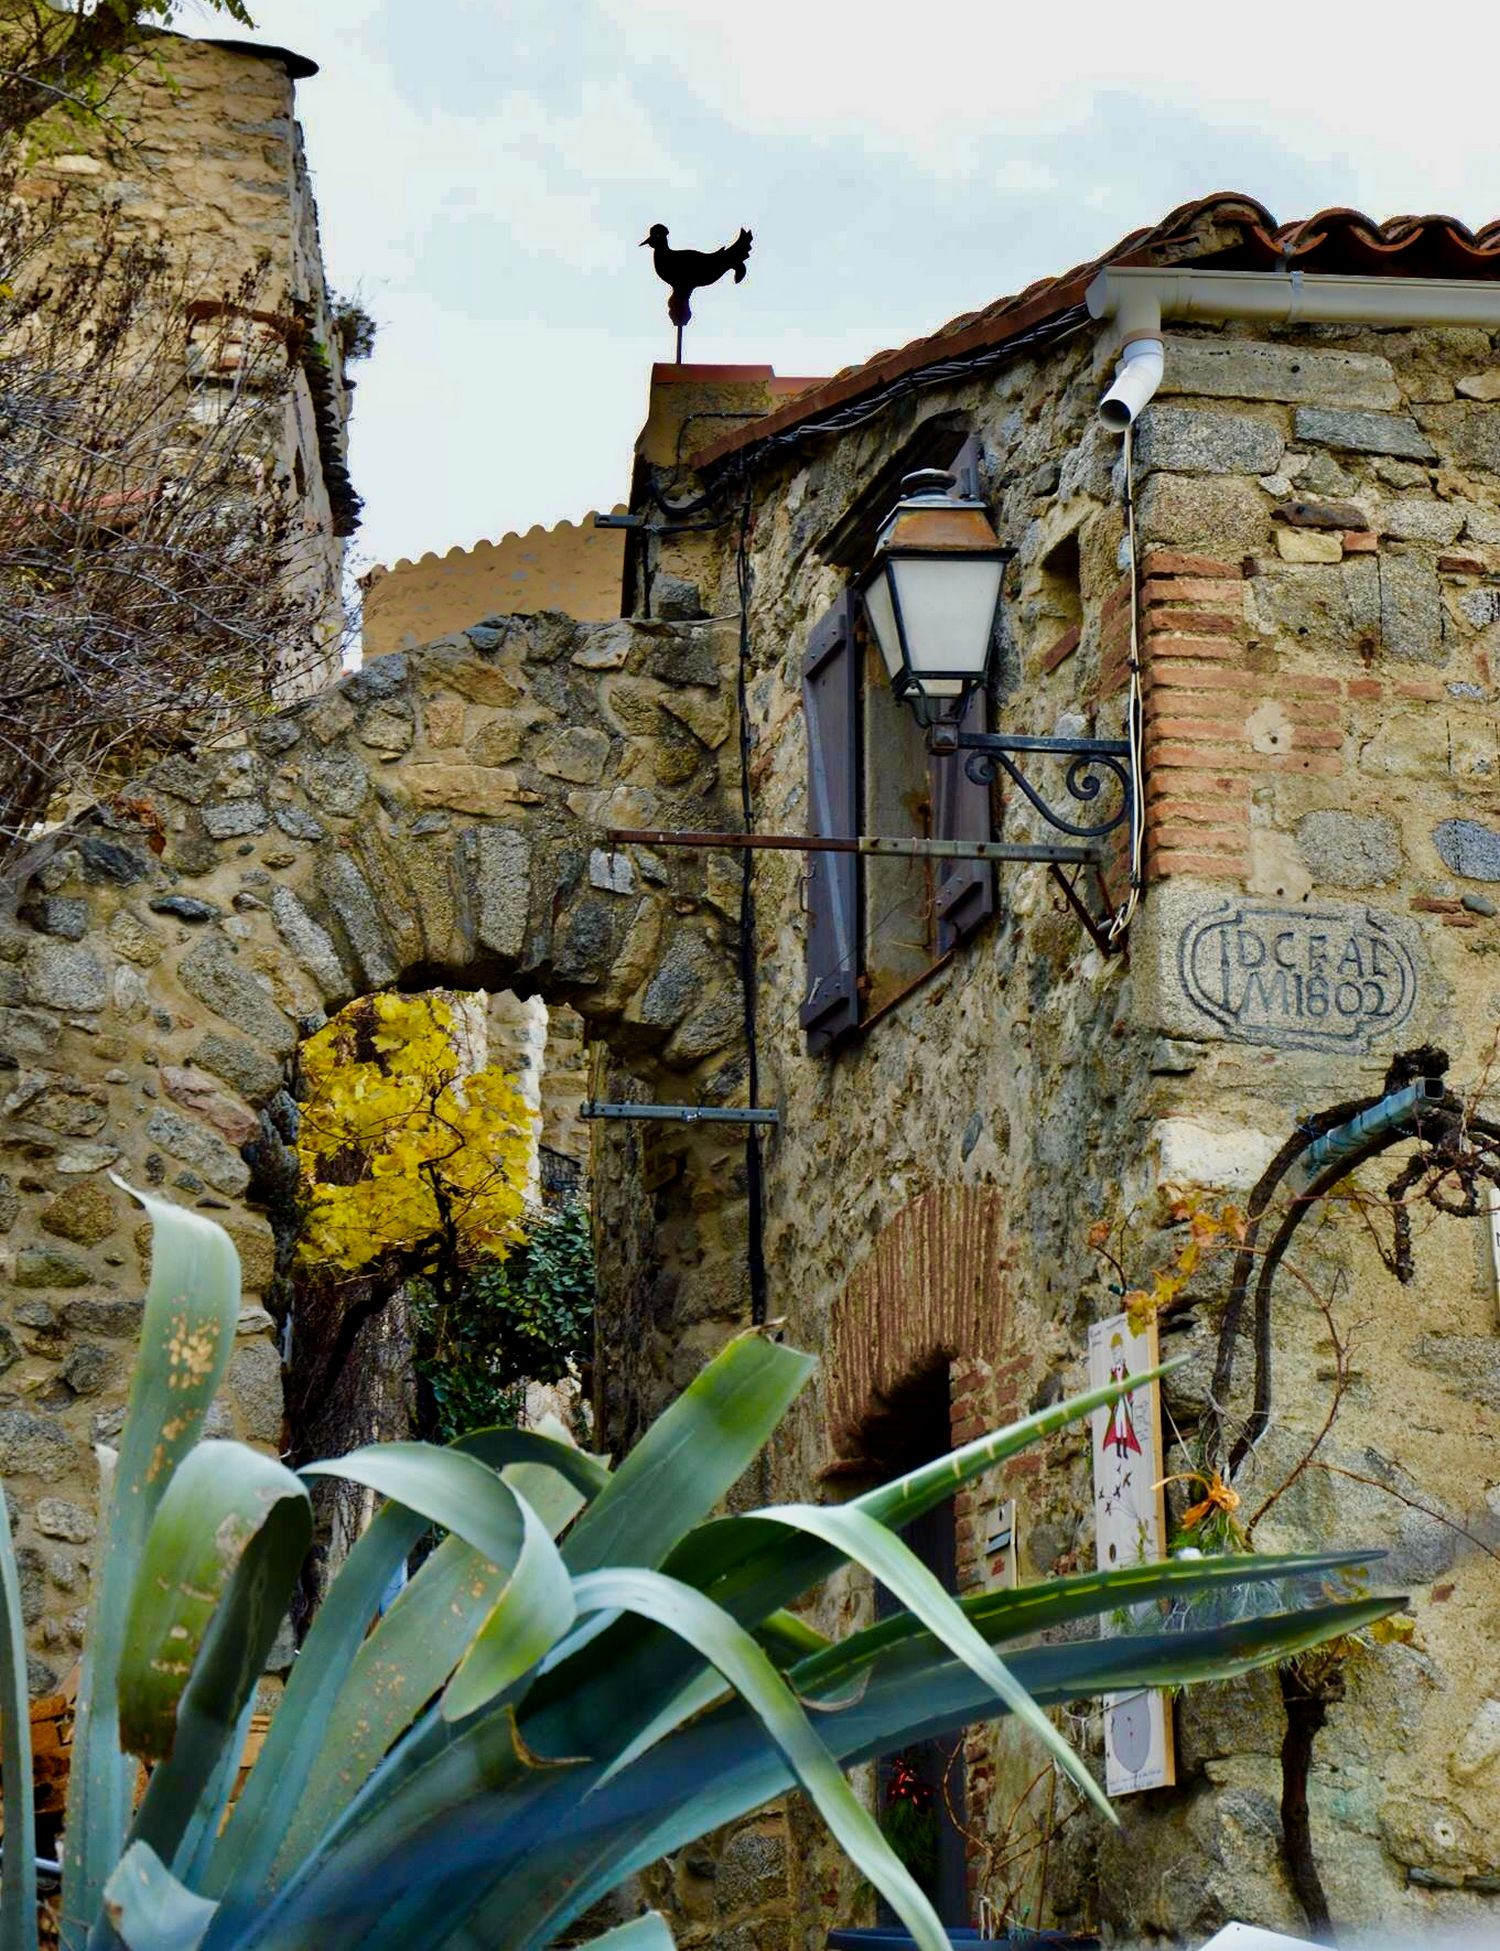 ruelles pittoresques du village d'Eus en pays catalan Occitanie - France